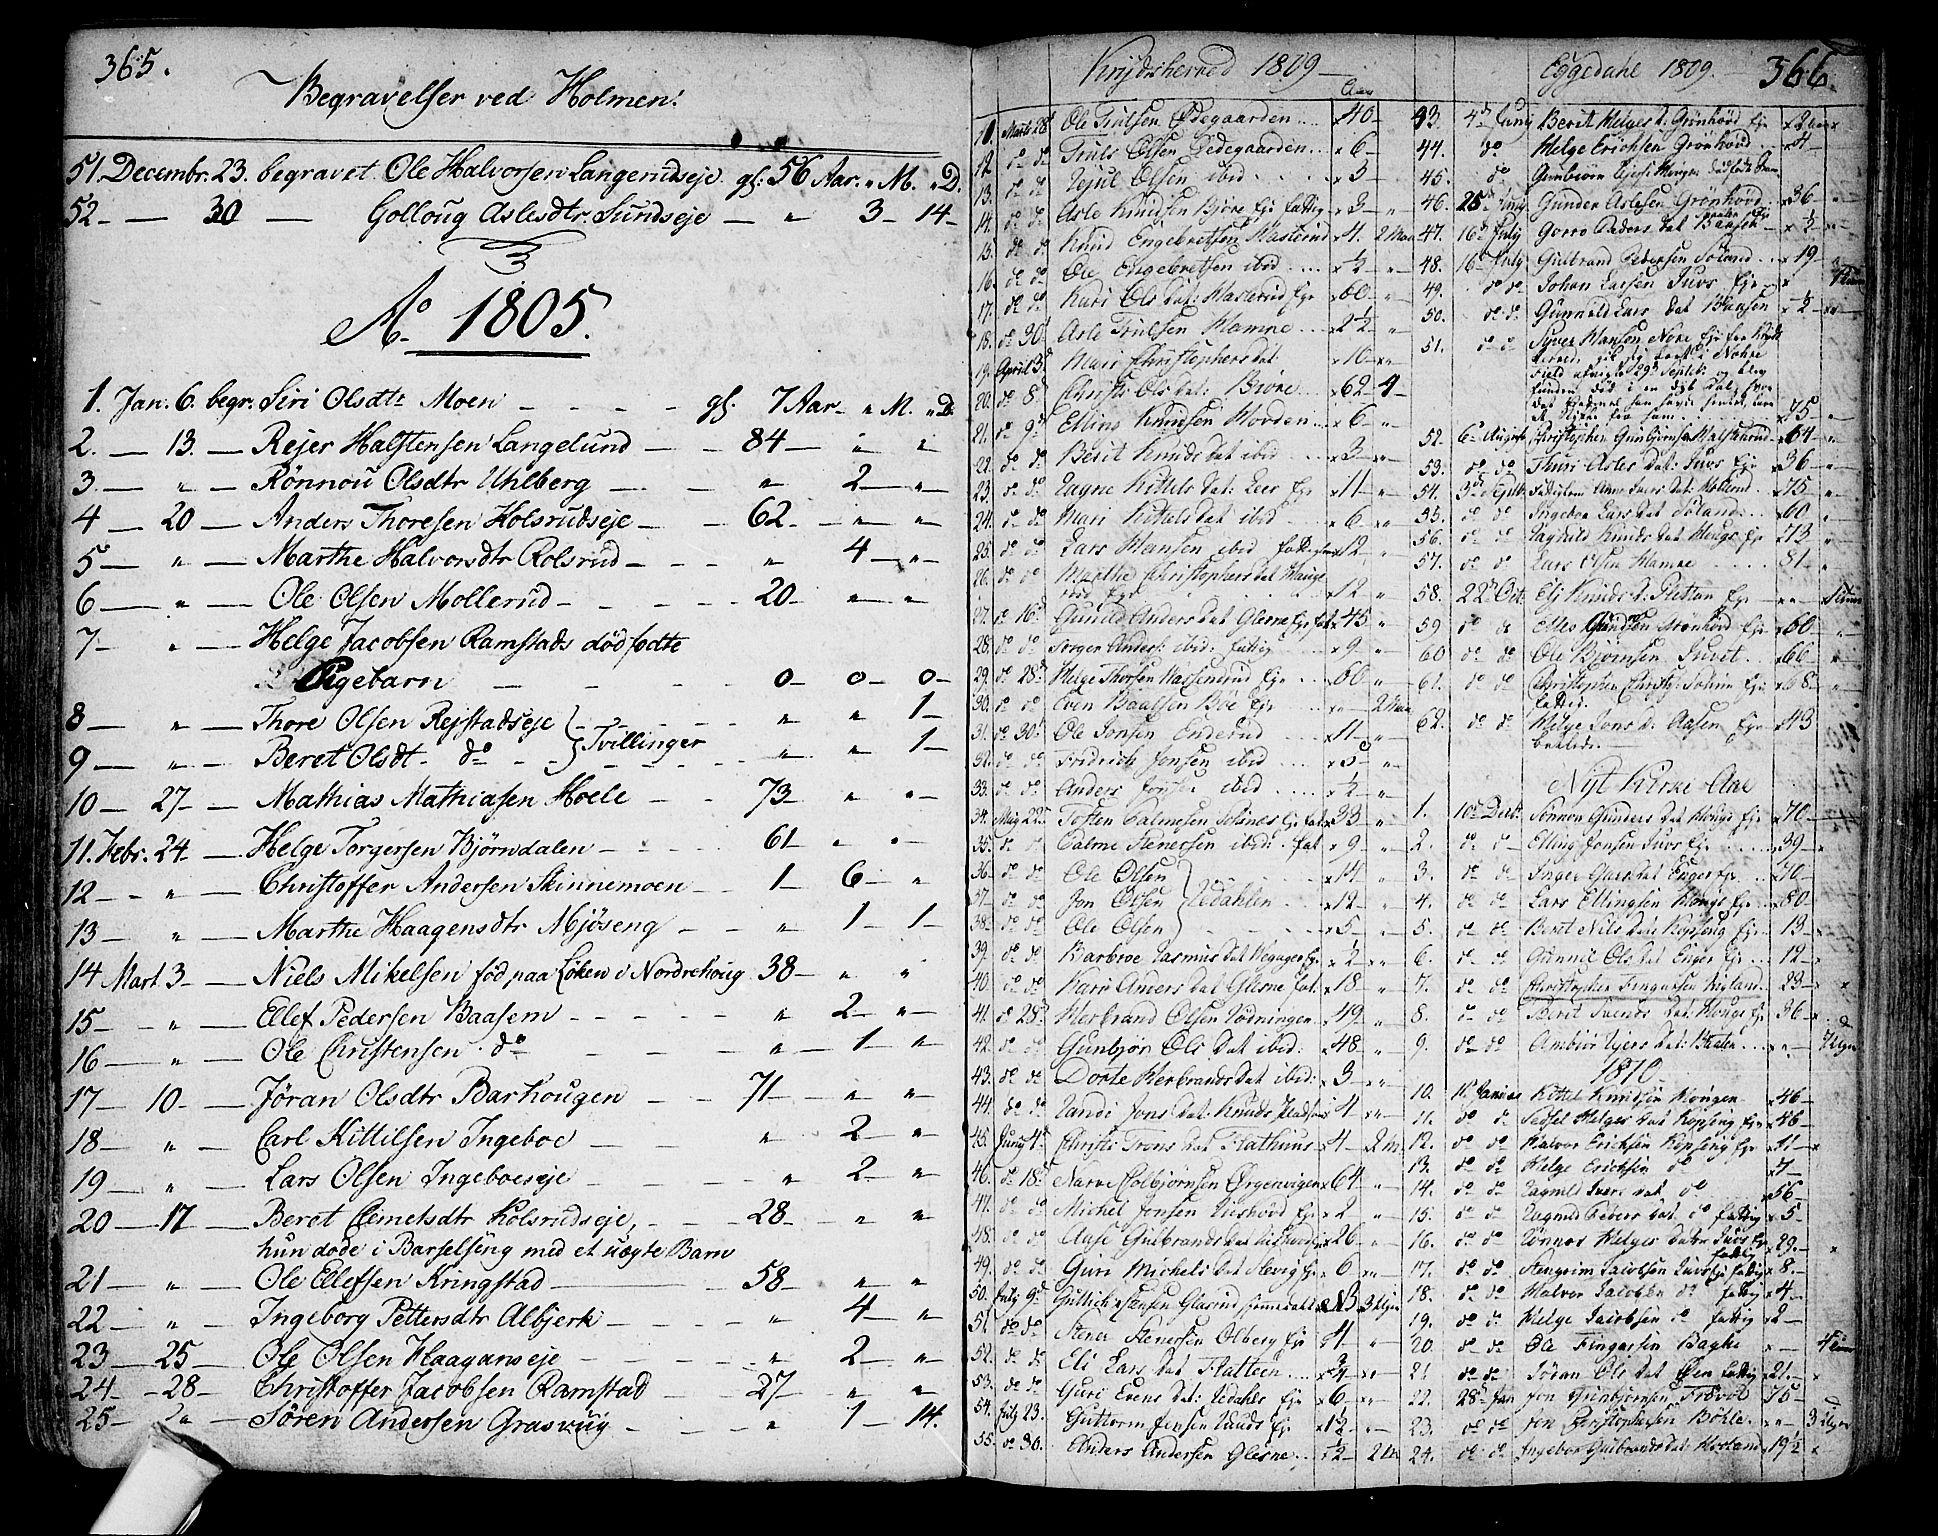 SAKO, Sigdal kirkebøker, F/Fa/L0003: Ministerialbok nr. I 3, 1793-1811, s. 365-366